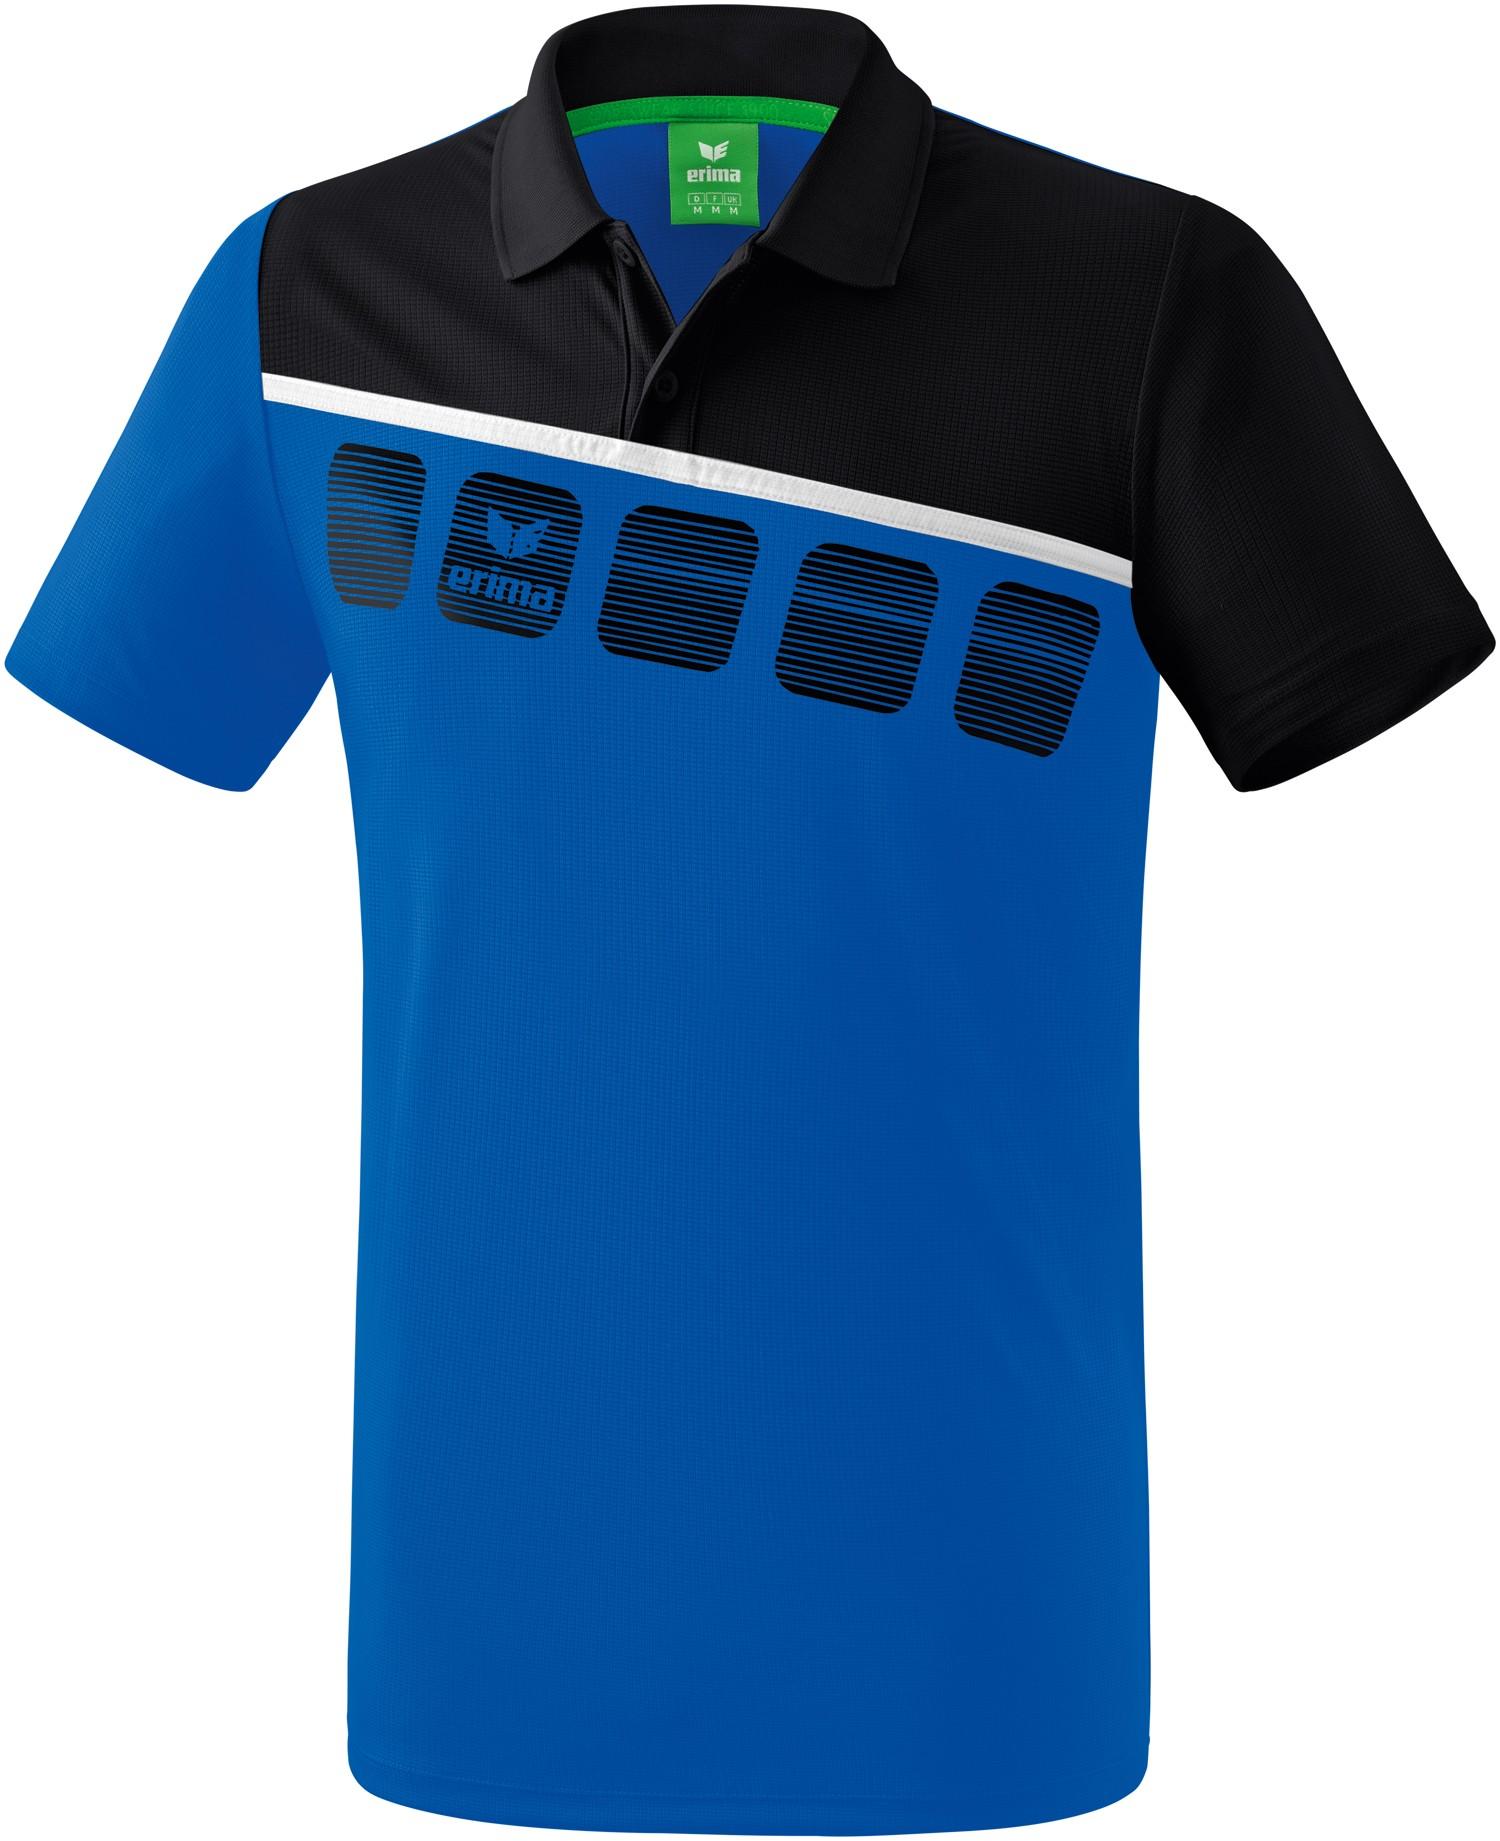 Erima 5-C Poloshirt Kinder, 128 Unisex 1111901